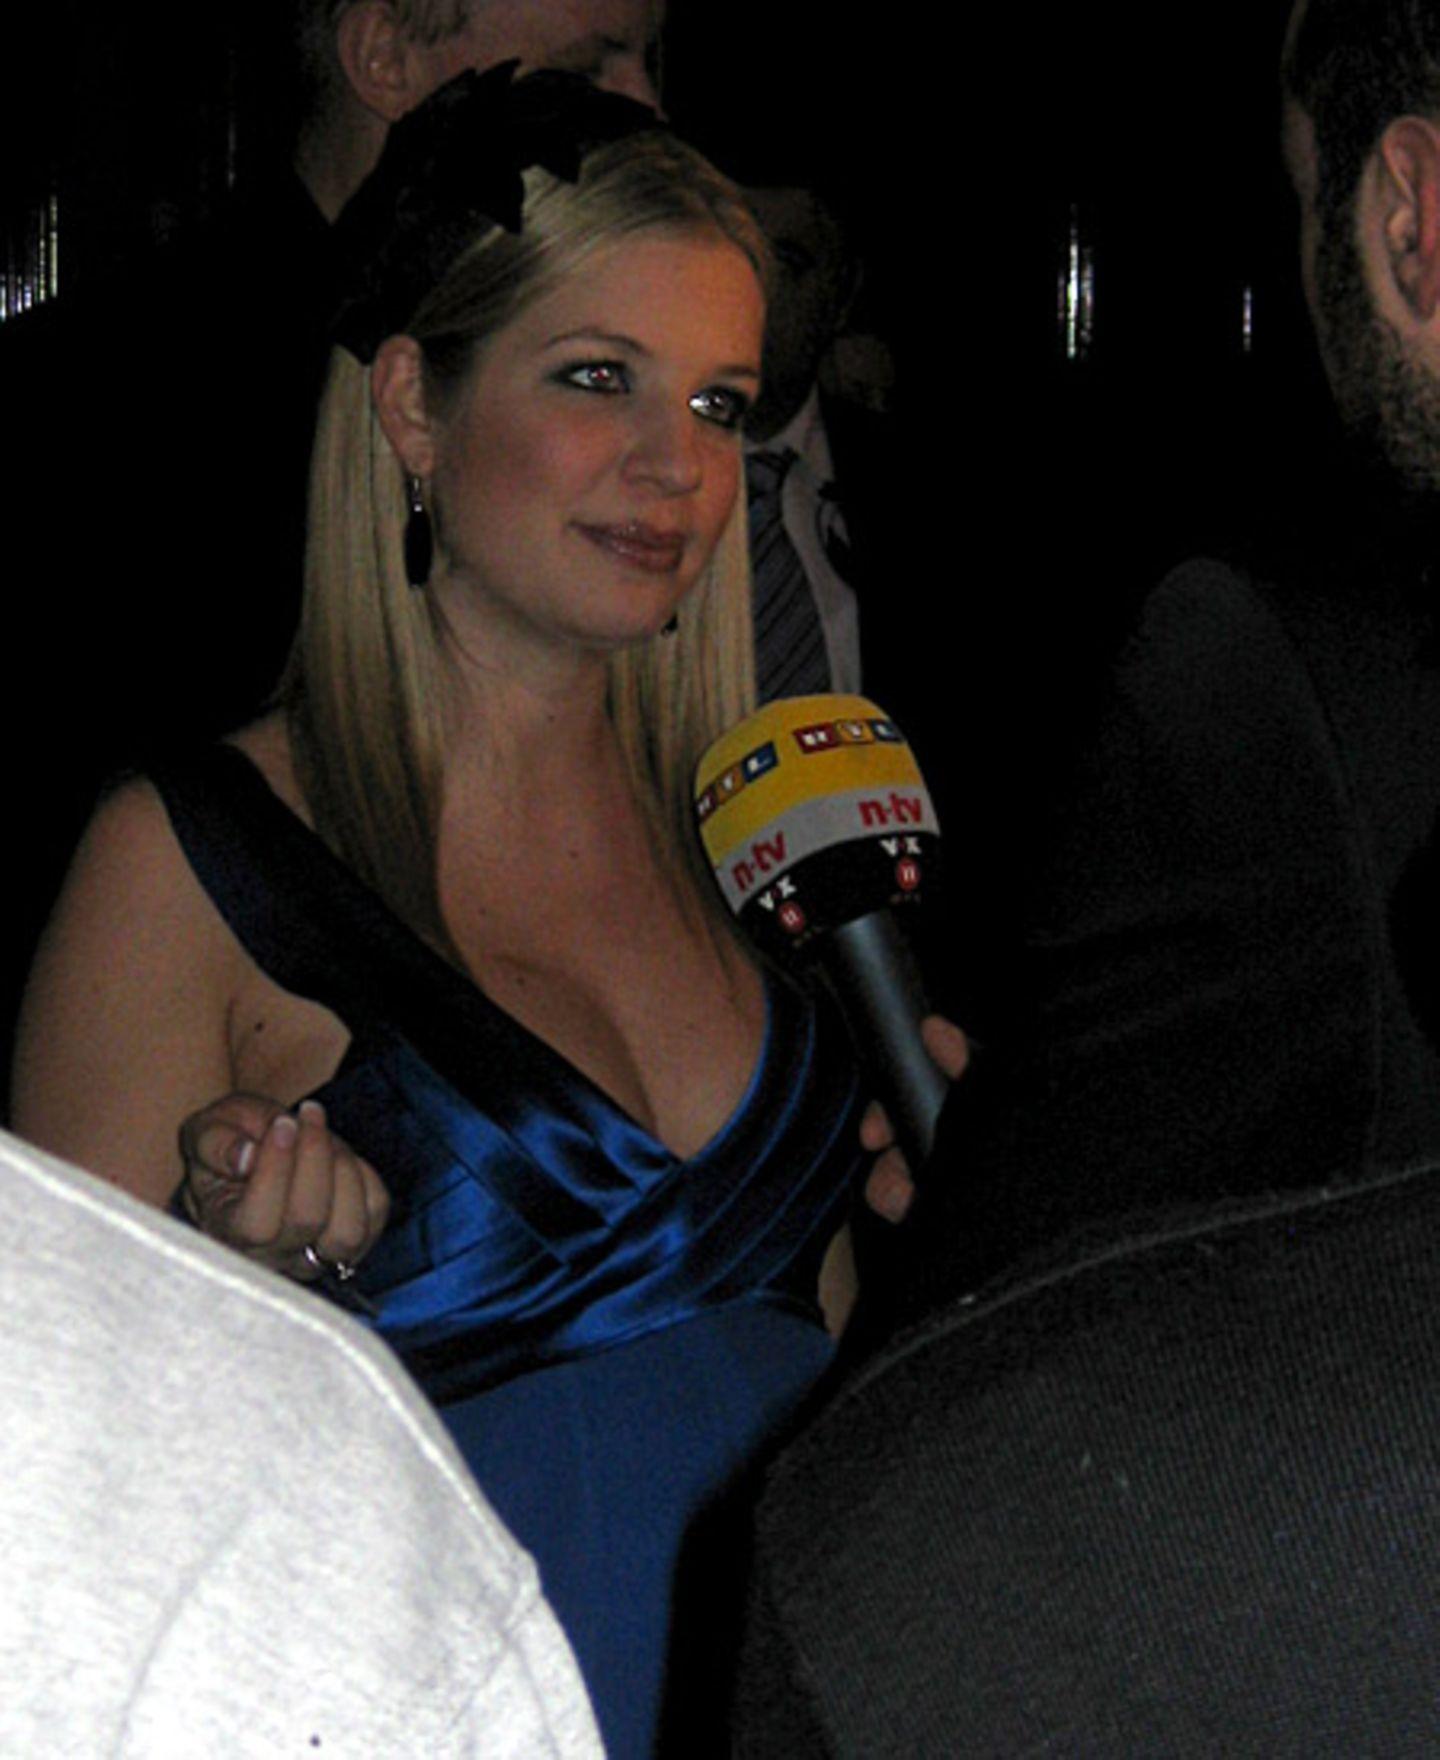 Susan Sideropoulous nimmt sich trotz Babybauchkugel Zeit für die Journalisten.